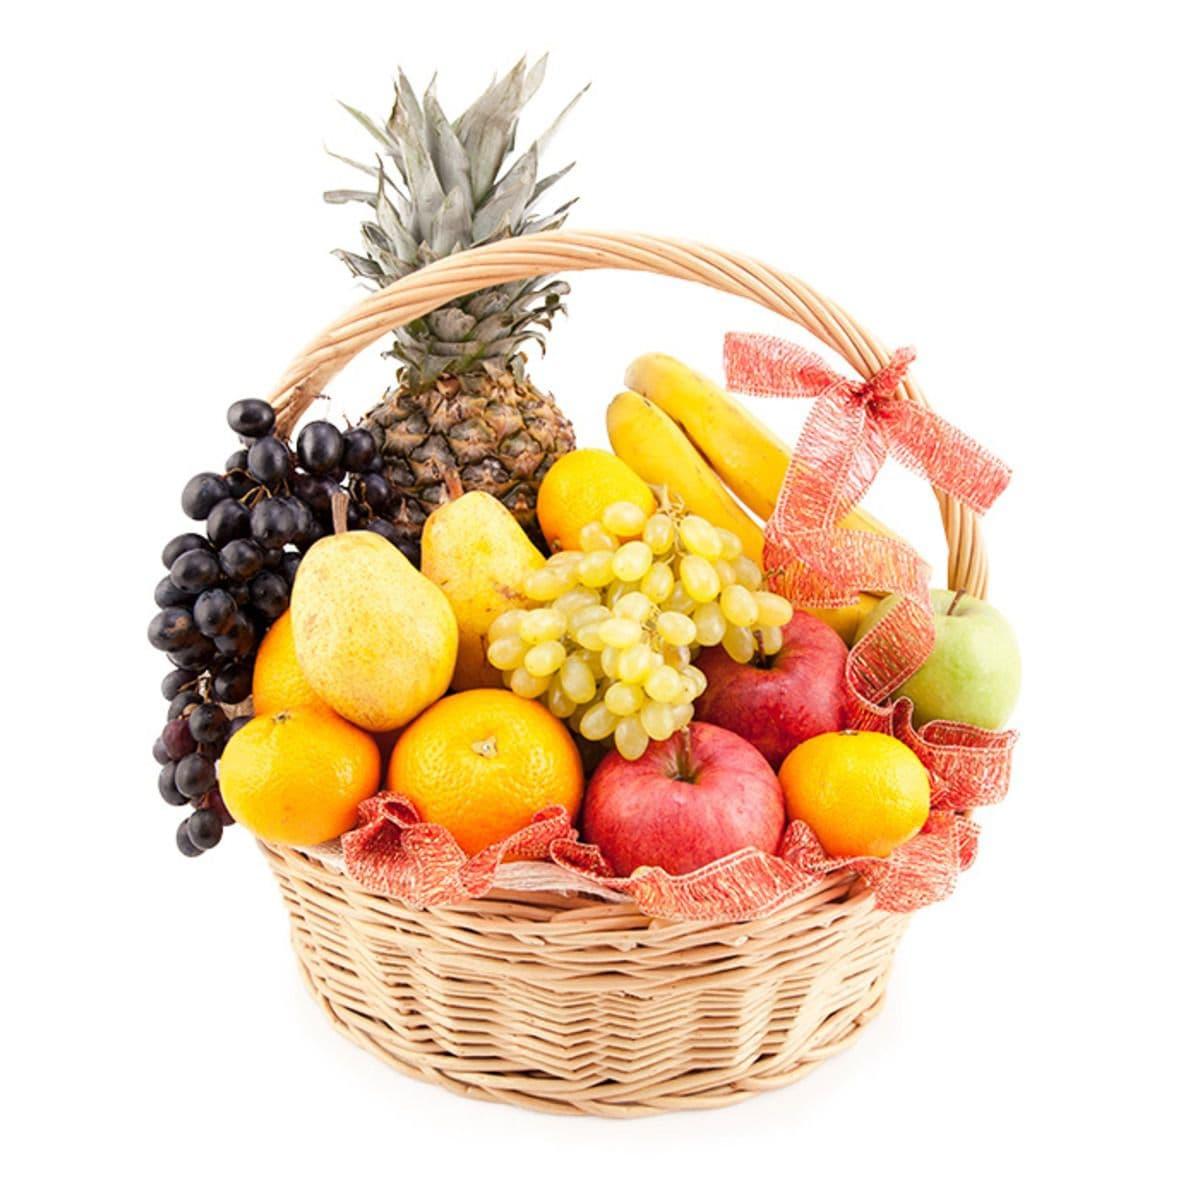 Корзина фруктовНовогодние<br>Покупайте фруктовую корзину. Этот подарок не только симпатичный, но вкусный и очень полезный. Кроме этого, если вы все-таки успеете накрыть на стол, то фрукты никогда не будут лишними. Можно устроить на следующий день после торжества разгрузочный день.<br>